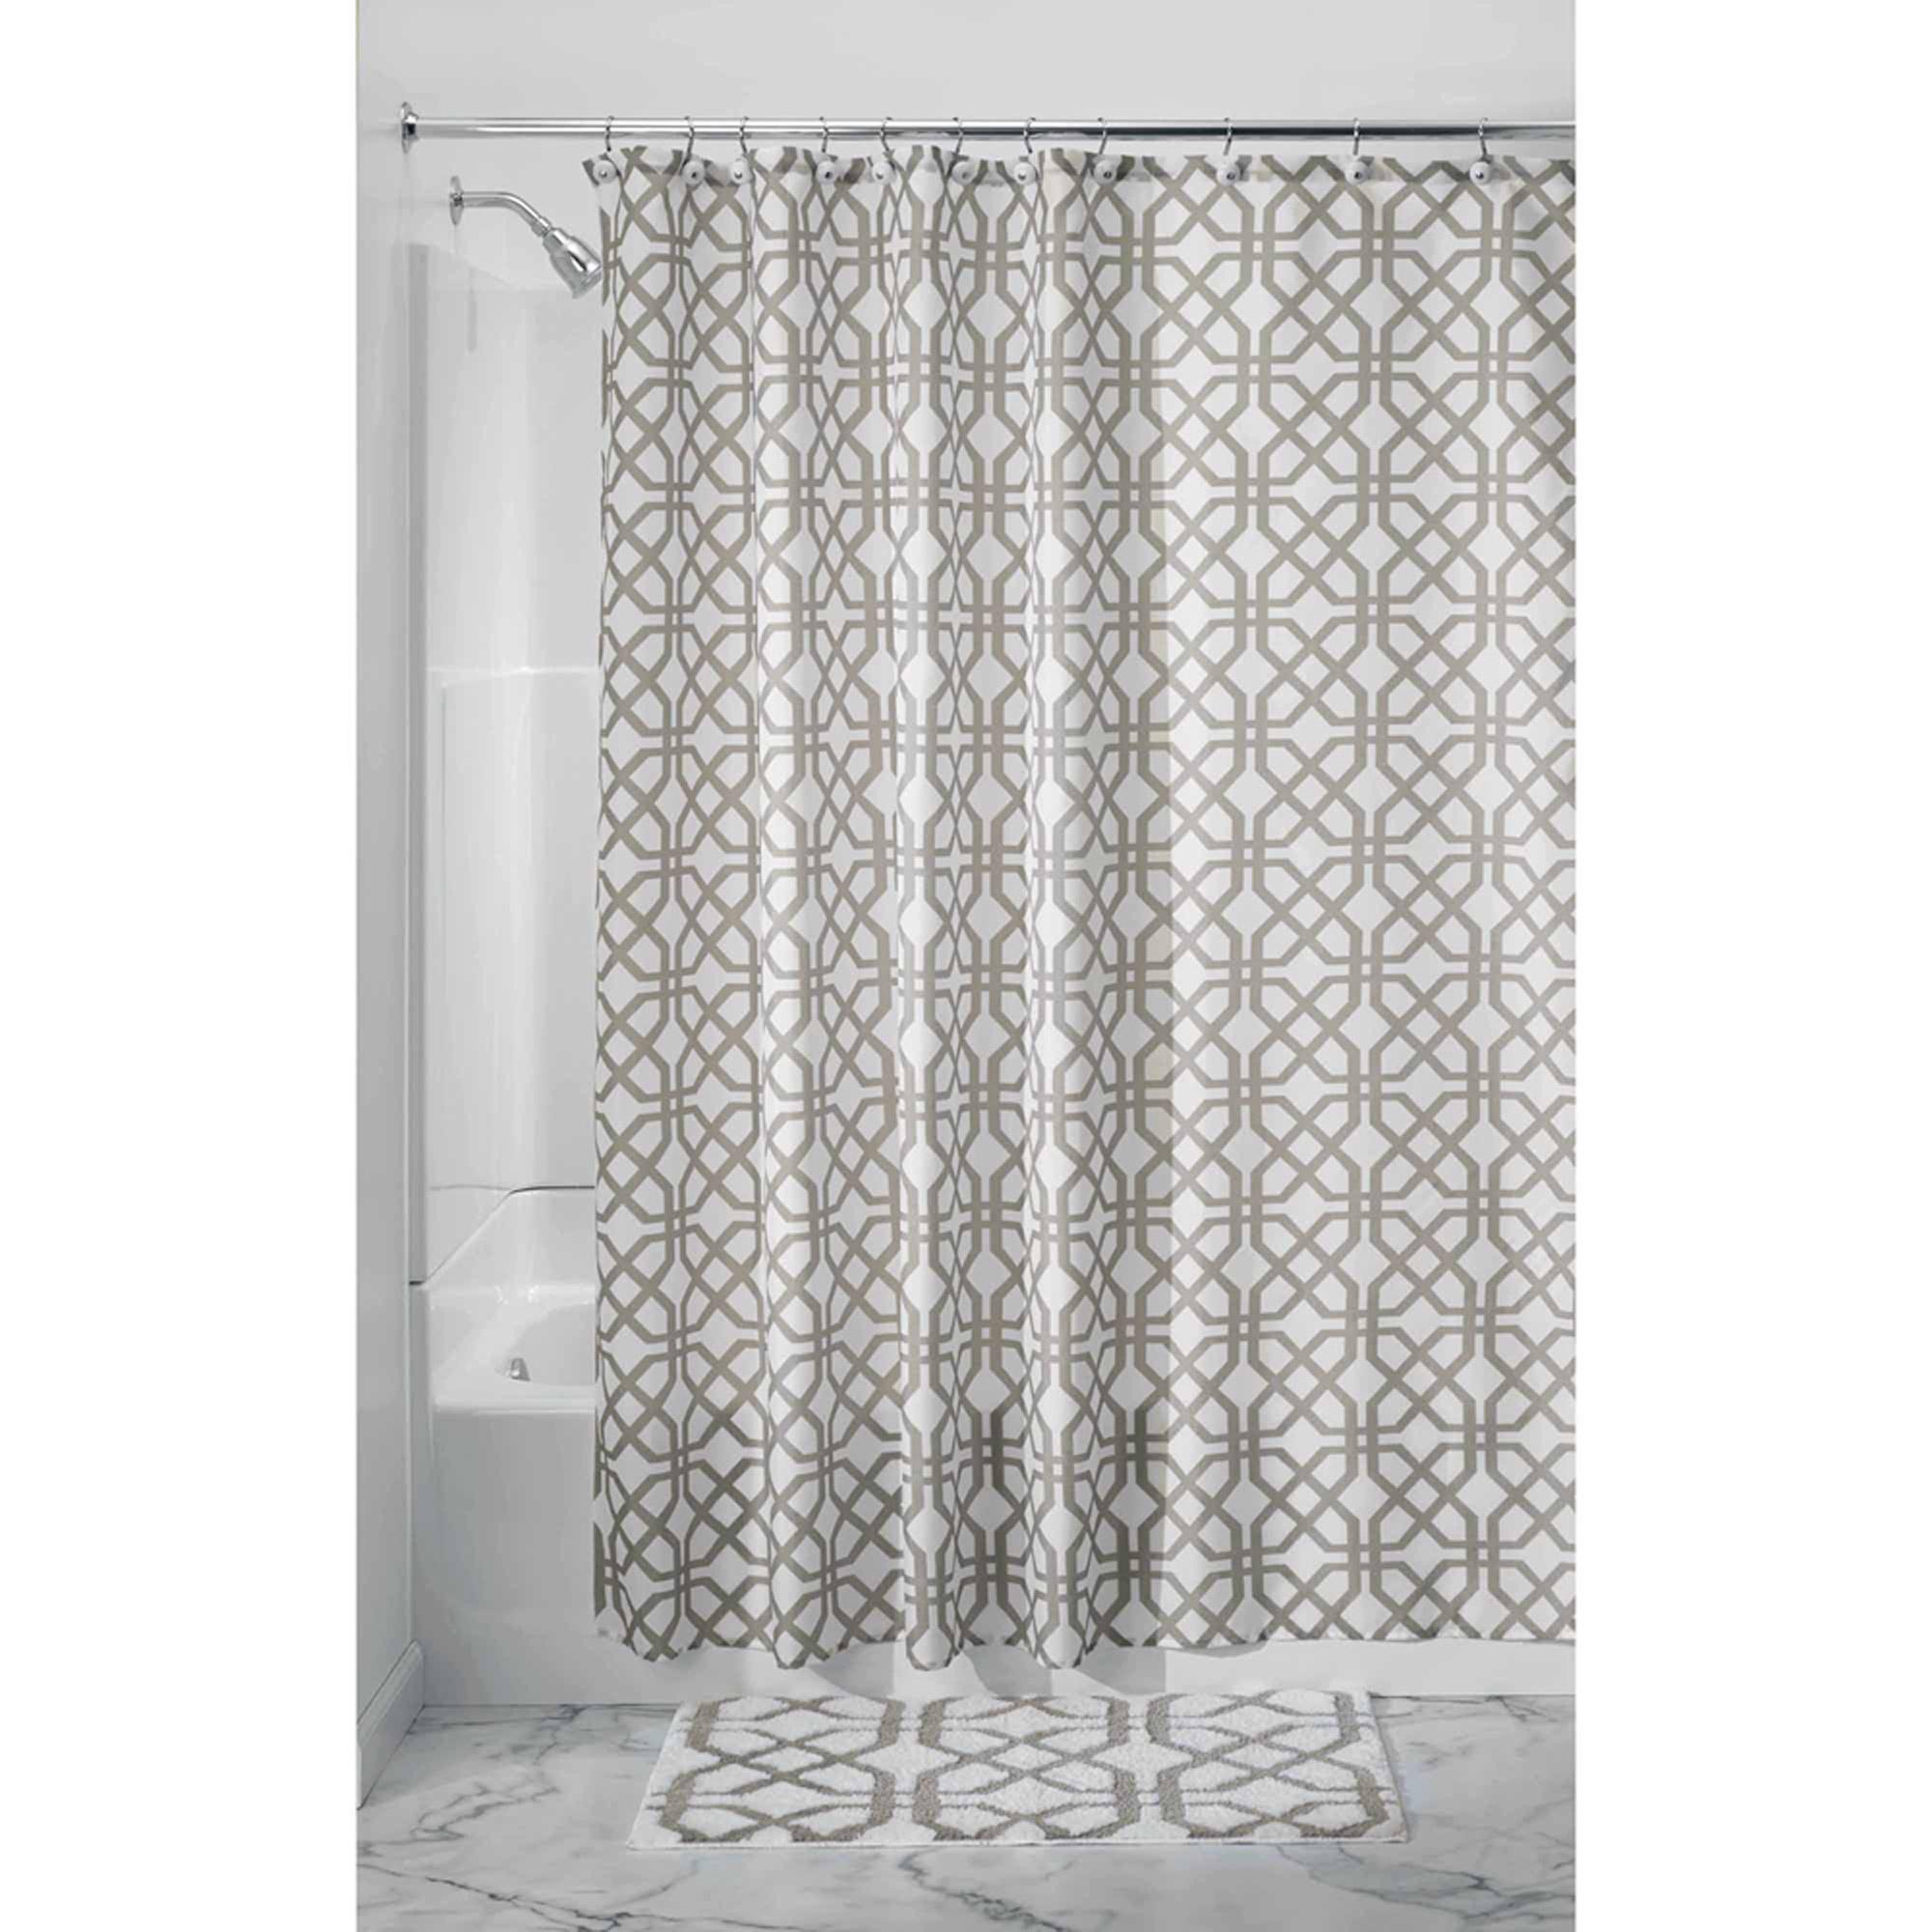 InterDesign Trellis Fabric Shower Curtain Various Colors